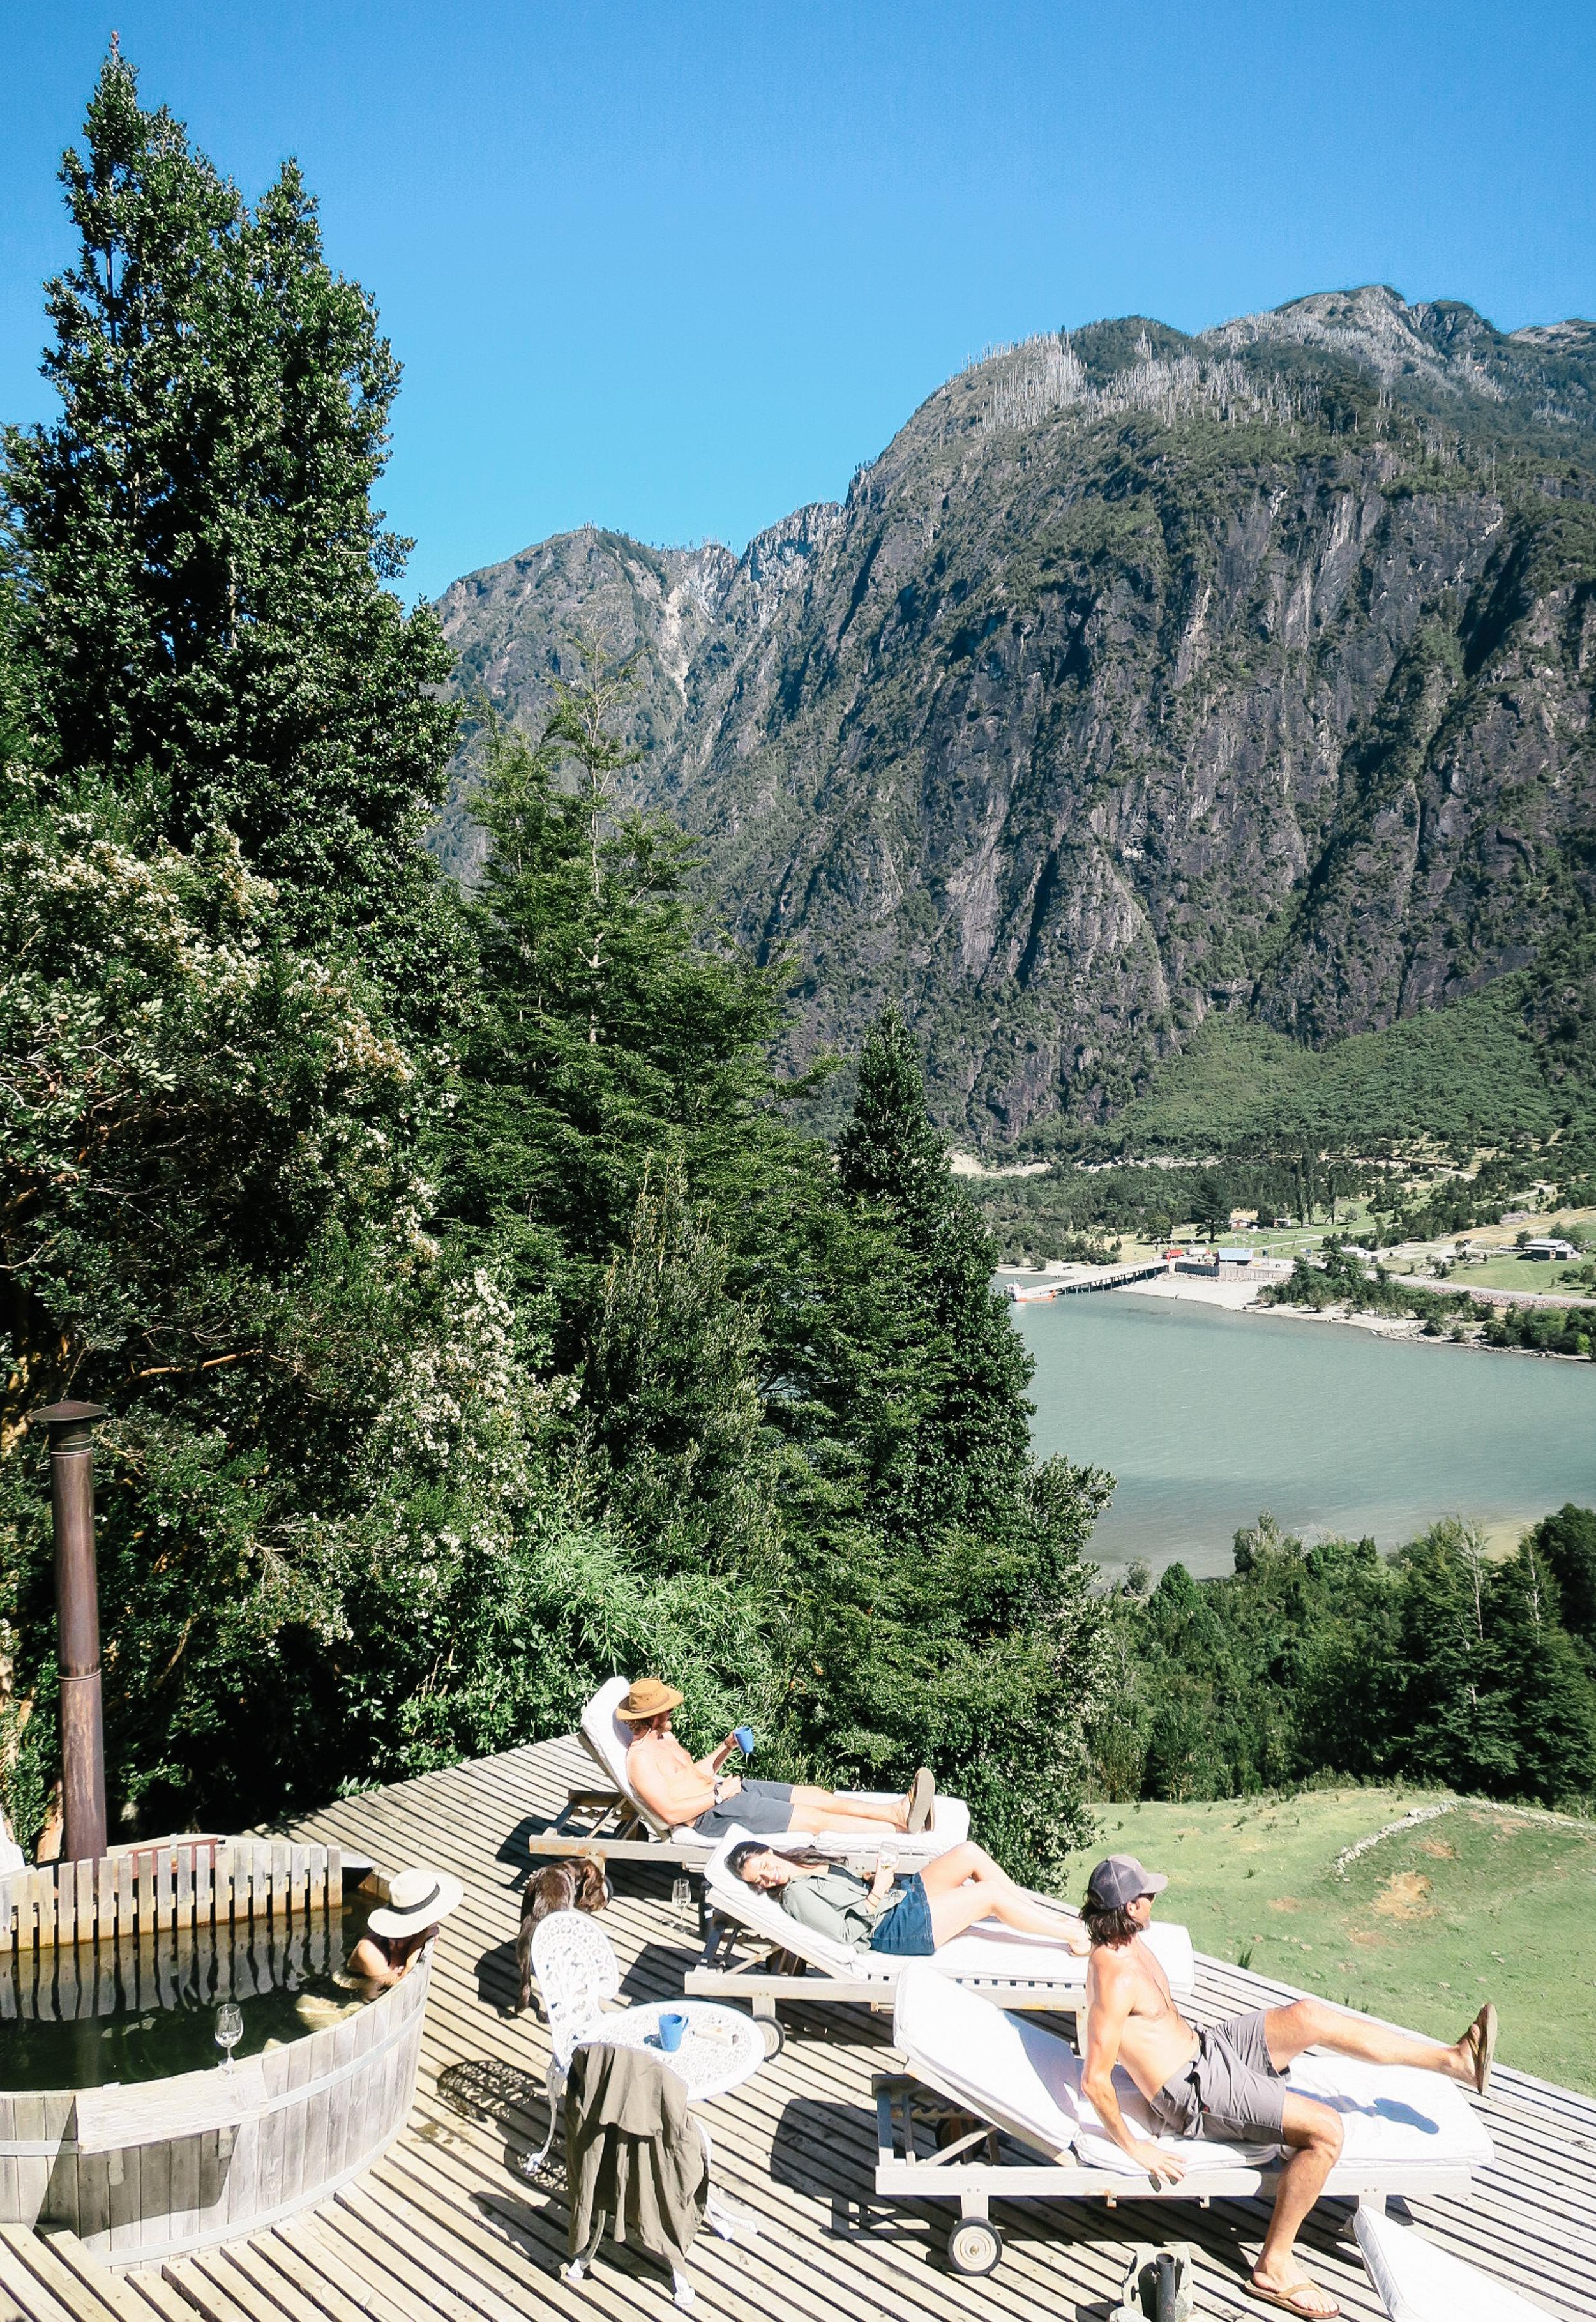 barraco+lodge+chile+life+on+pine+travel+blog+life+on+pine_IMG_1763.jpg